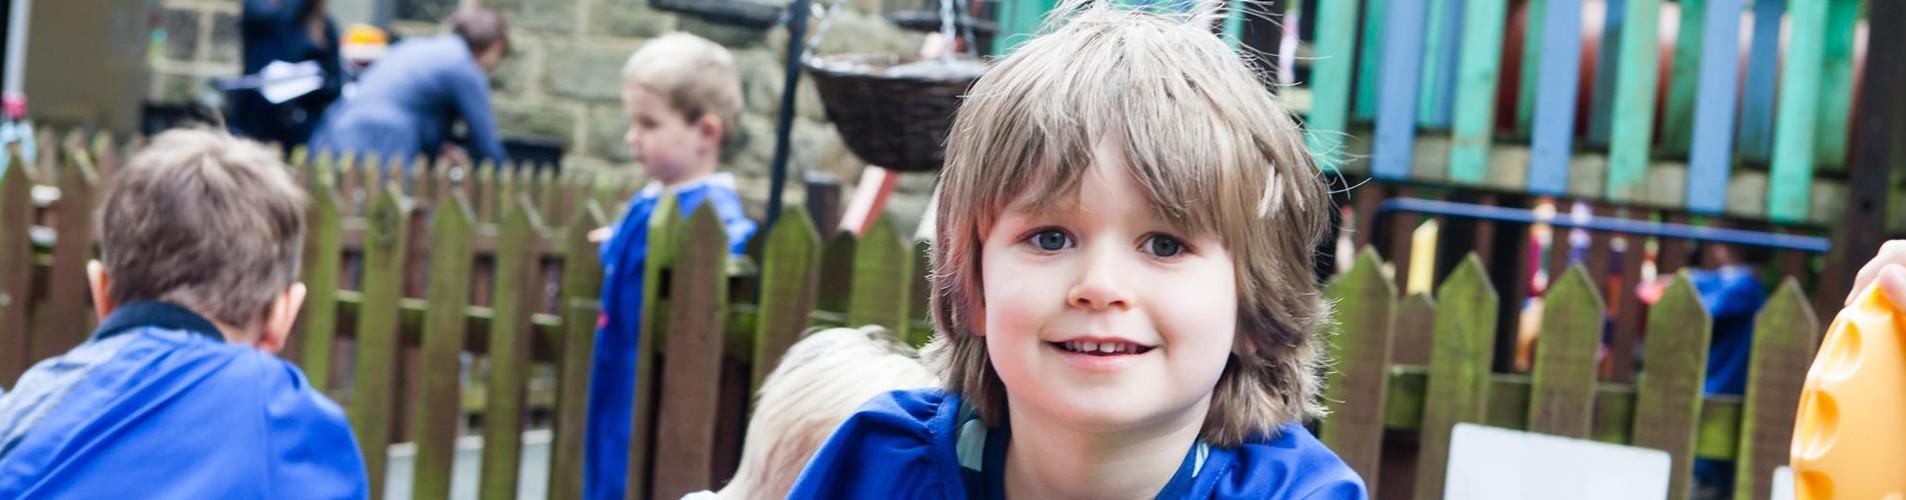 How to apply Highfield Pre-school & Nursery Harrogate